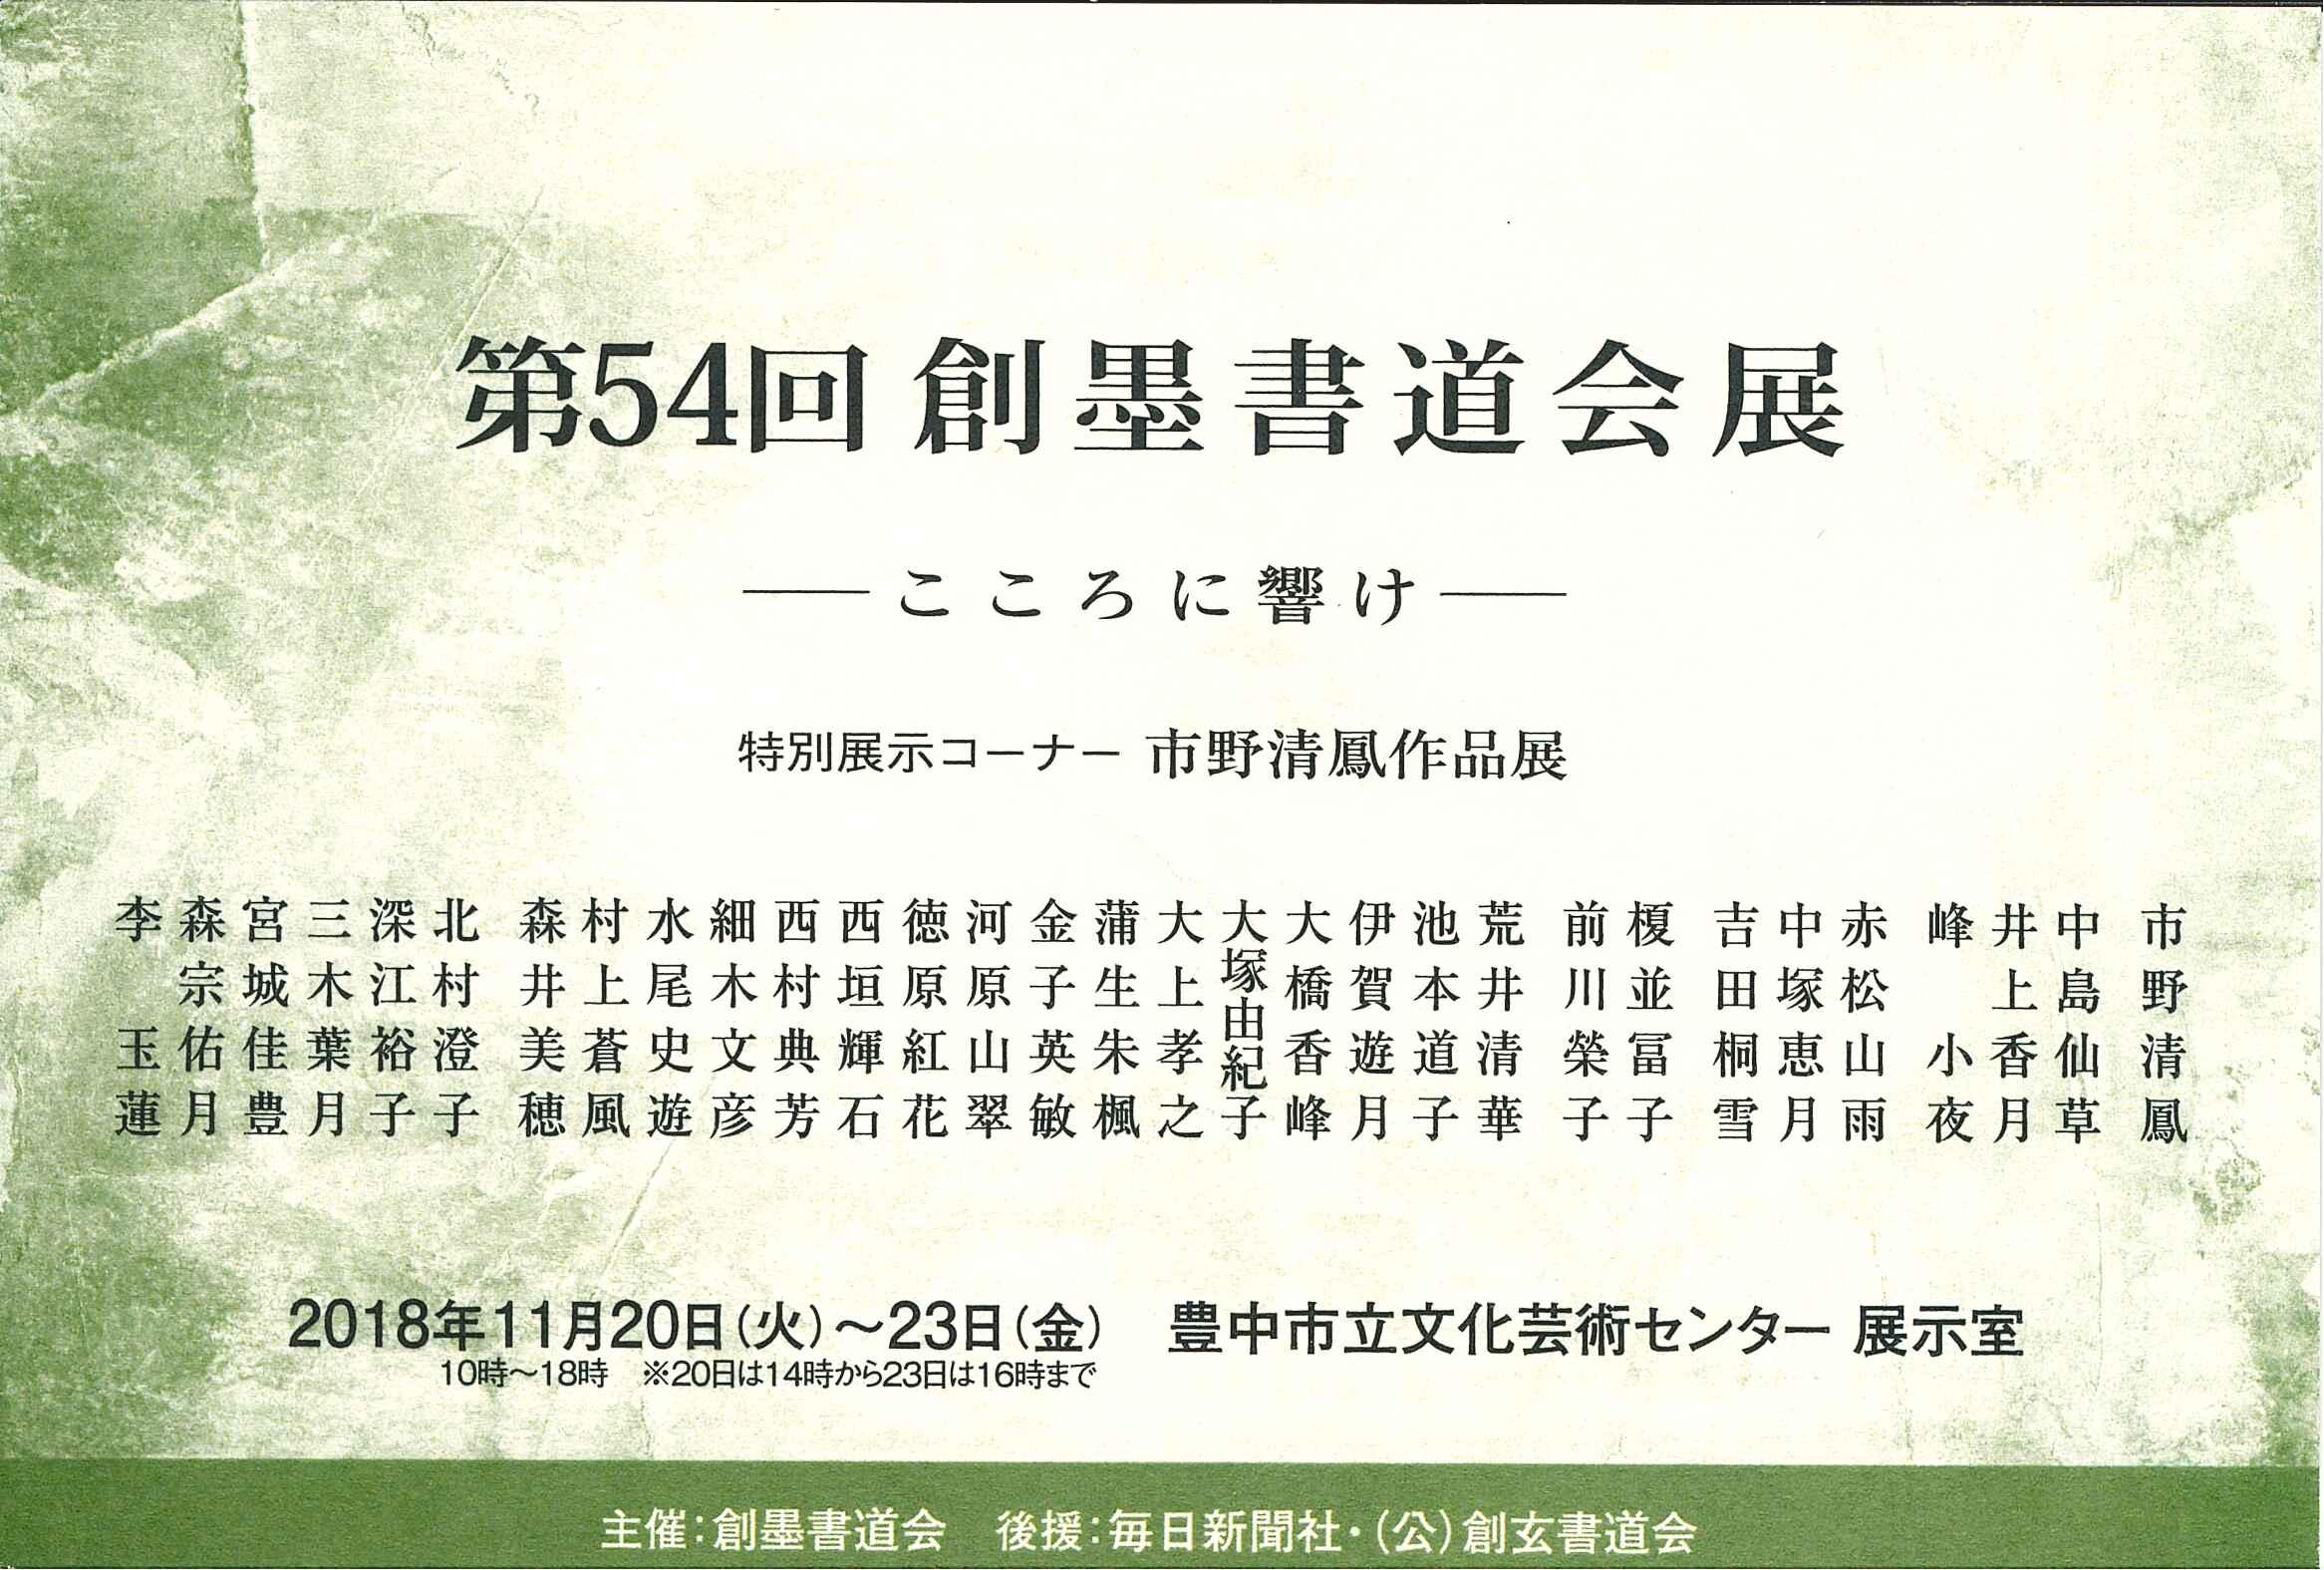 http://www.sogen.or.jp/letter/2018/10/19/20181019141851582_0002.jpg